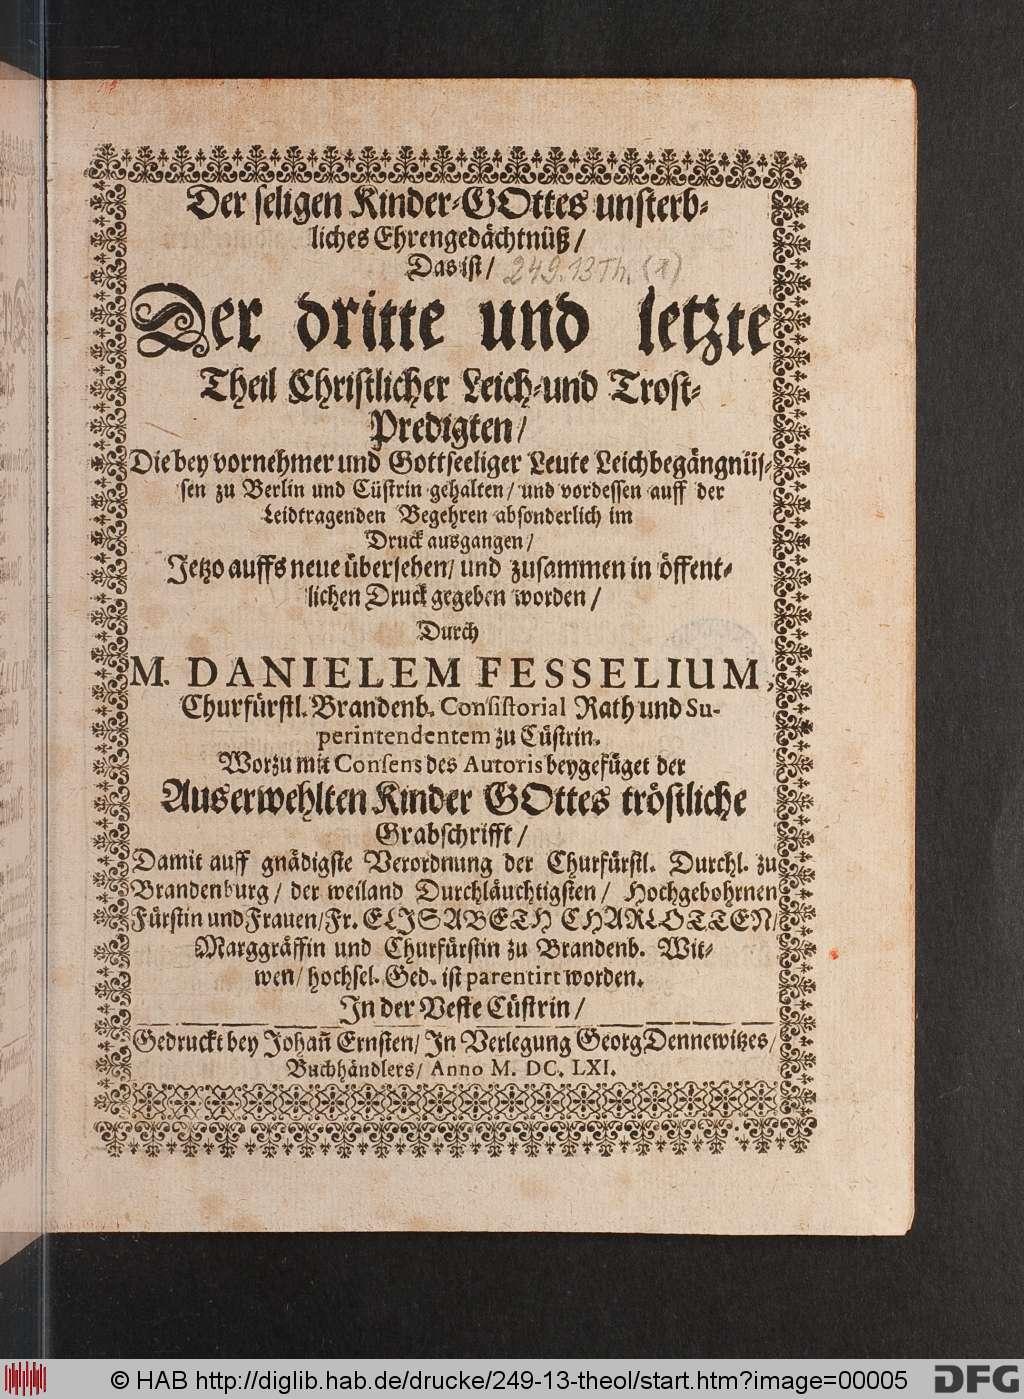 http://diglib.hab.de/drucke/249-13-theol/00005.jpg